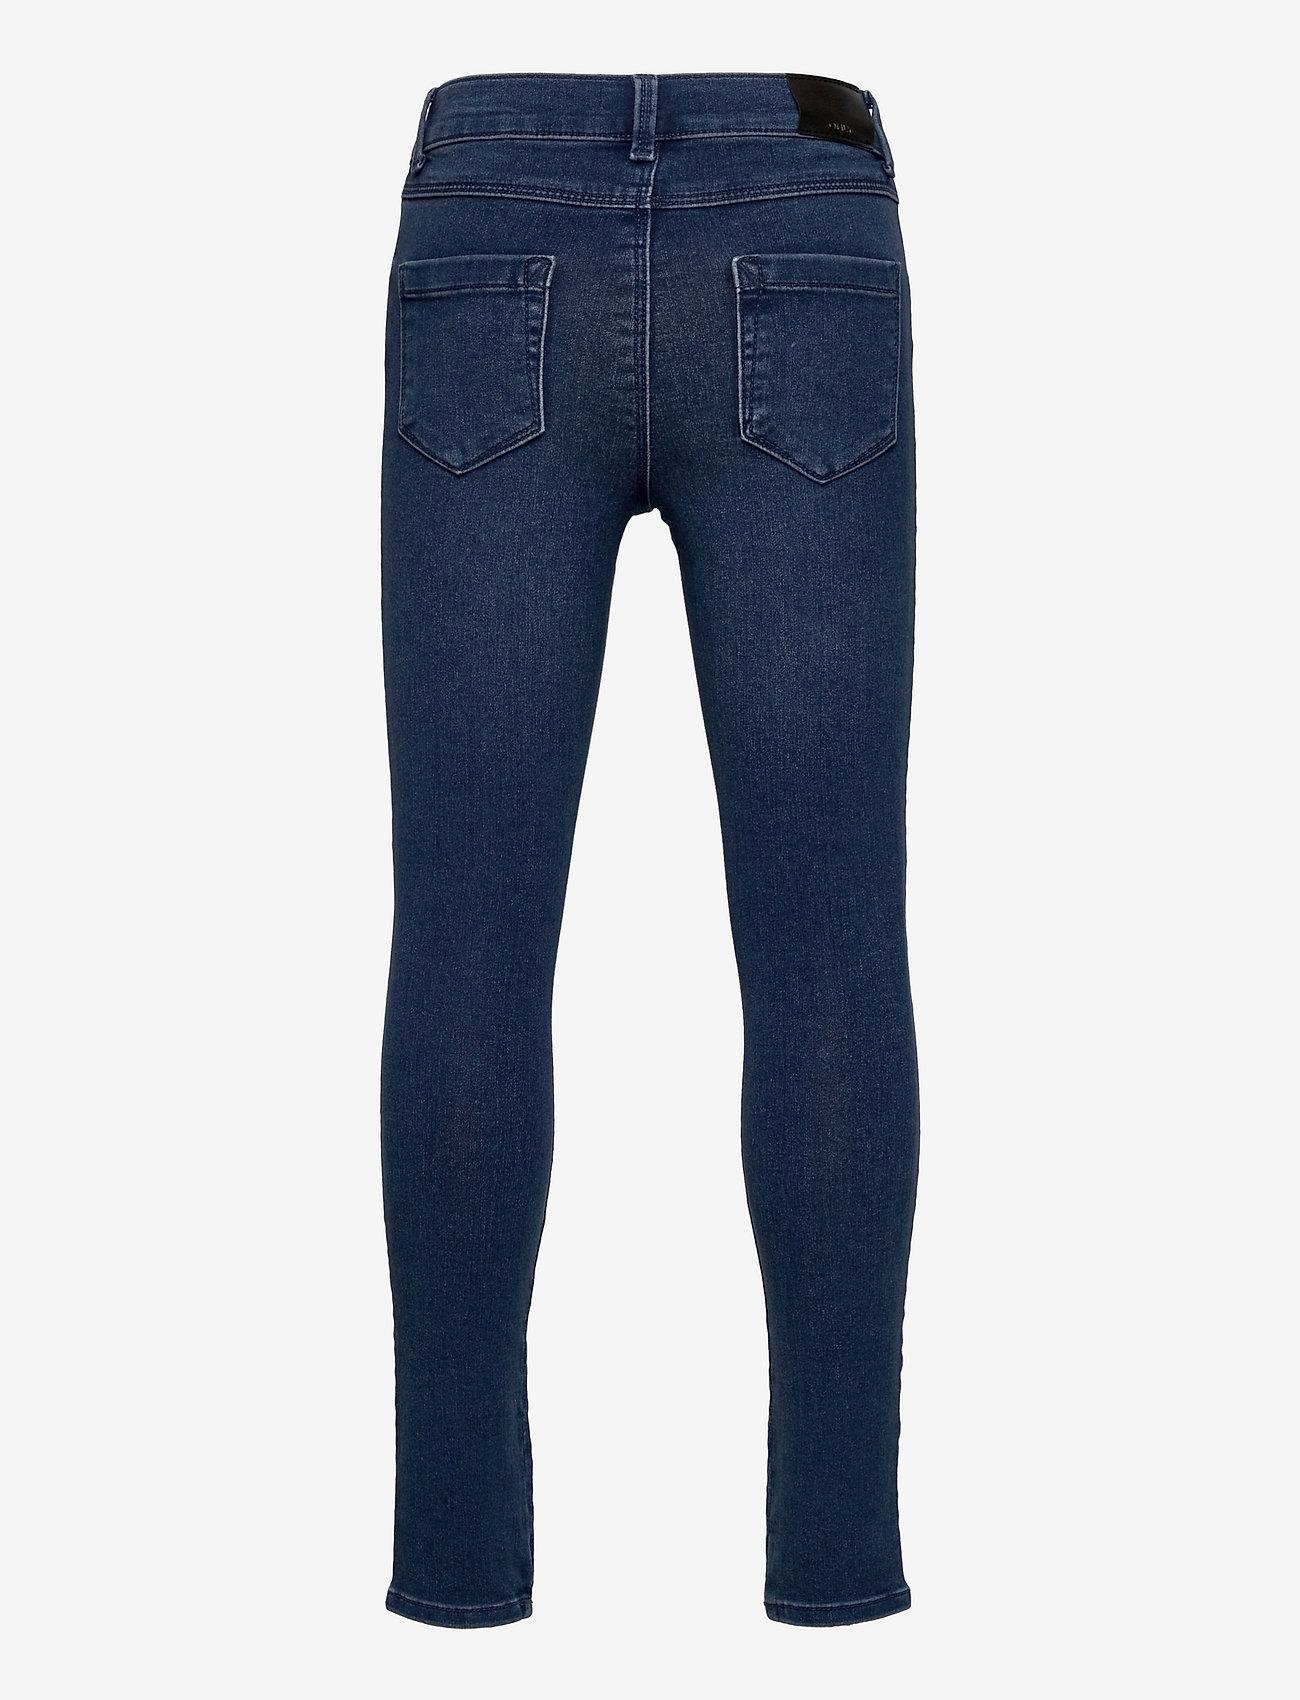 Kids Only - KONROYAL REG SKINNY PIM504 - jeans - medium blue denim - 1